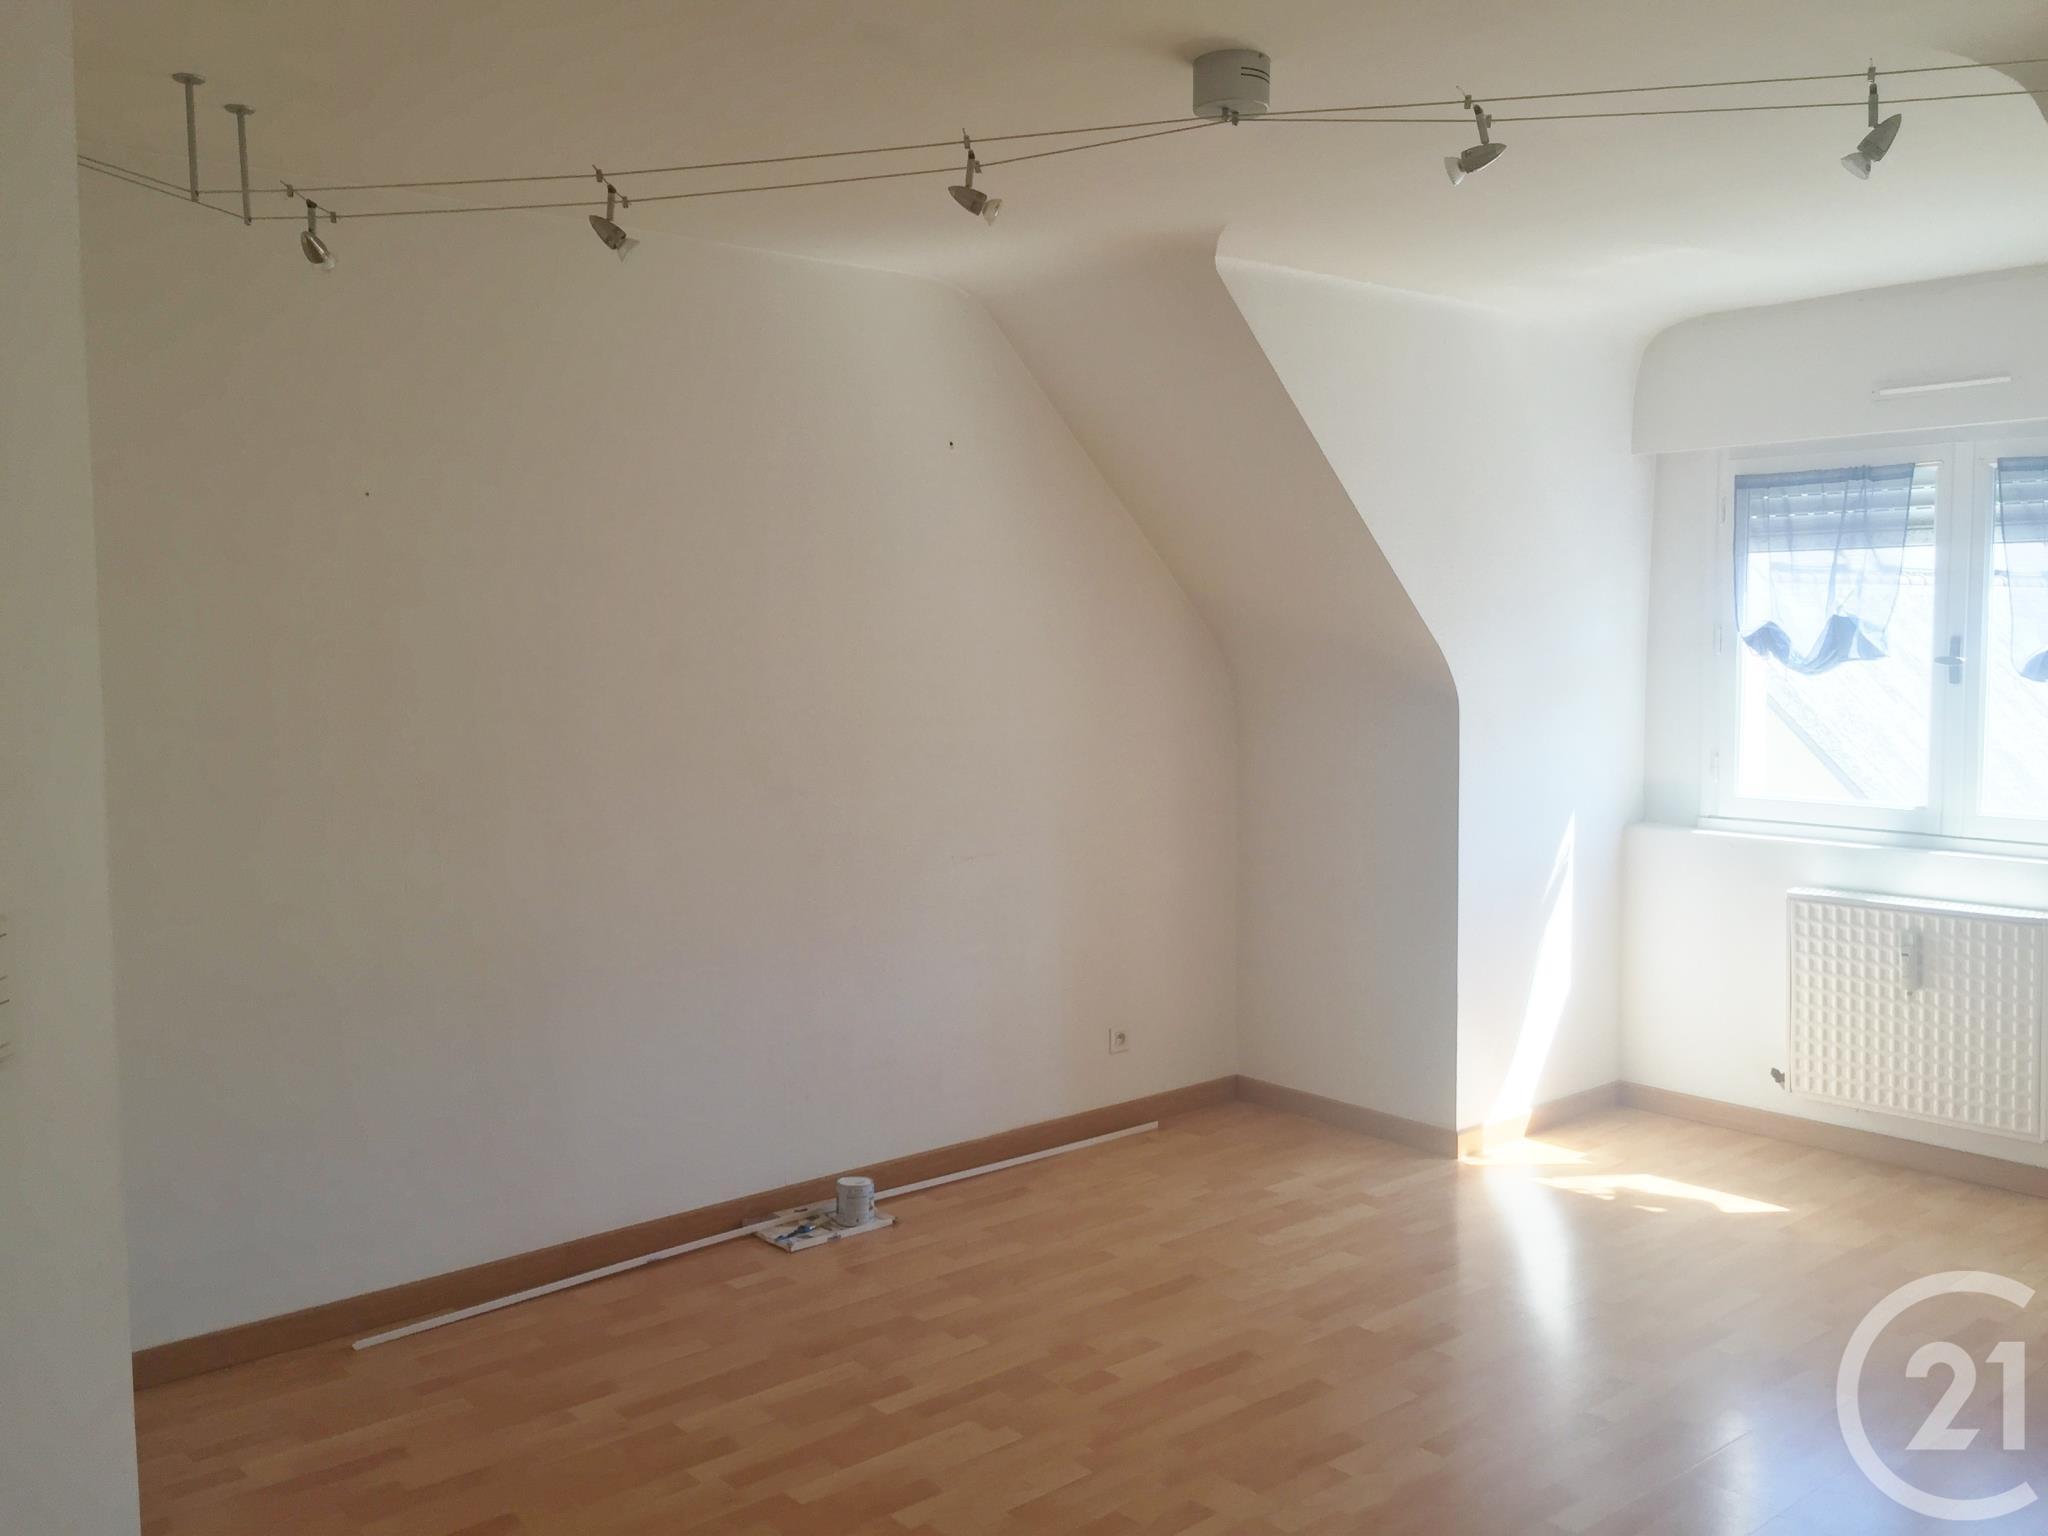 Appartement à louer - 2 pièces - 28 m2 - DINAN - 22 - BRETAGNE